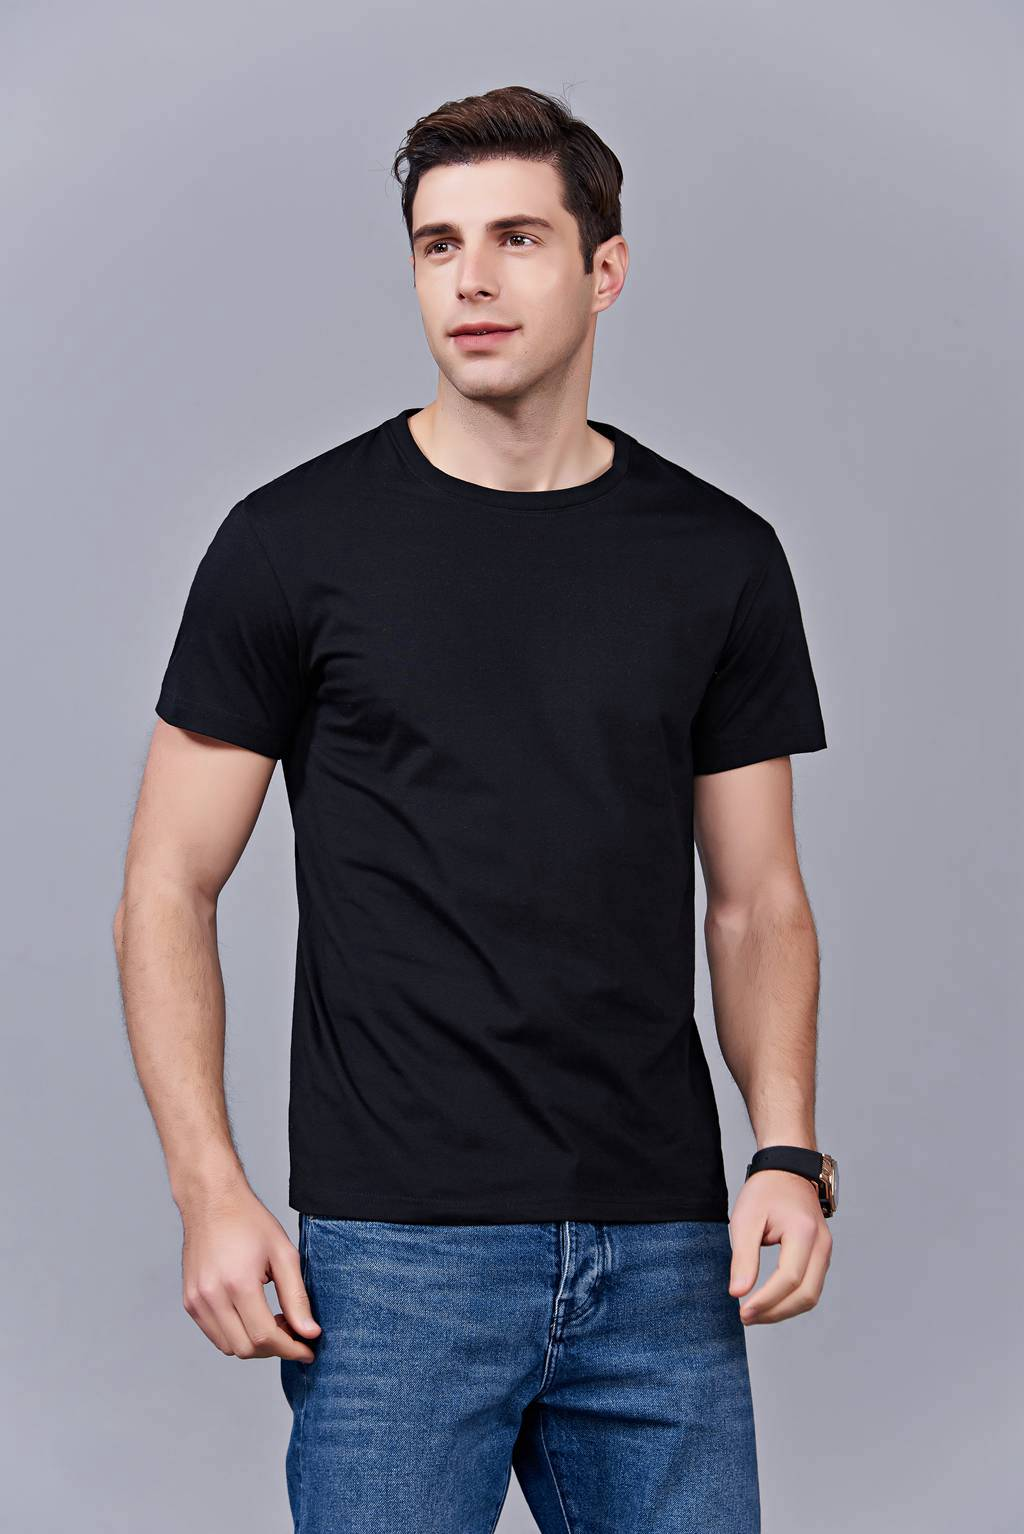 洋气百搭亲子装 半袖显瘦 速干圆领文化衫 春夏新品 黑色